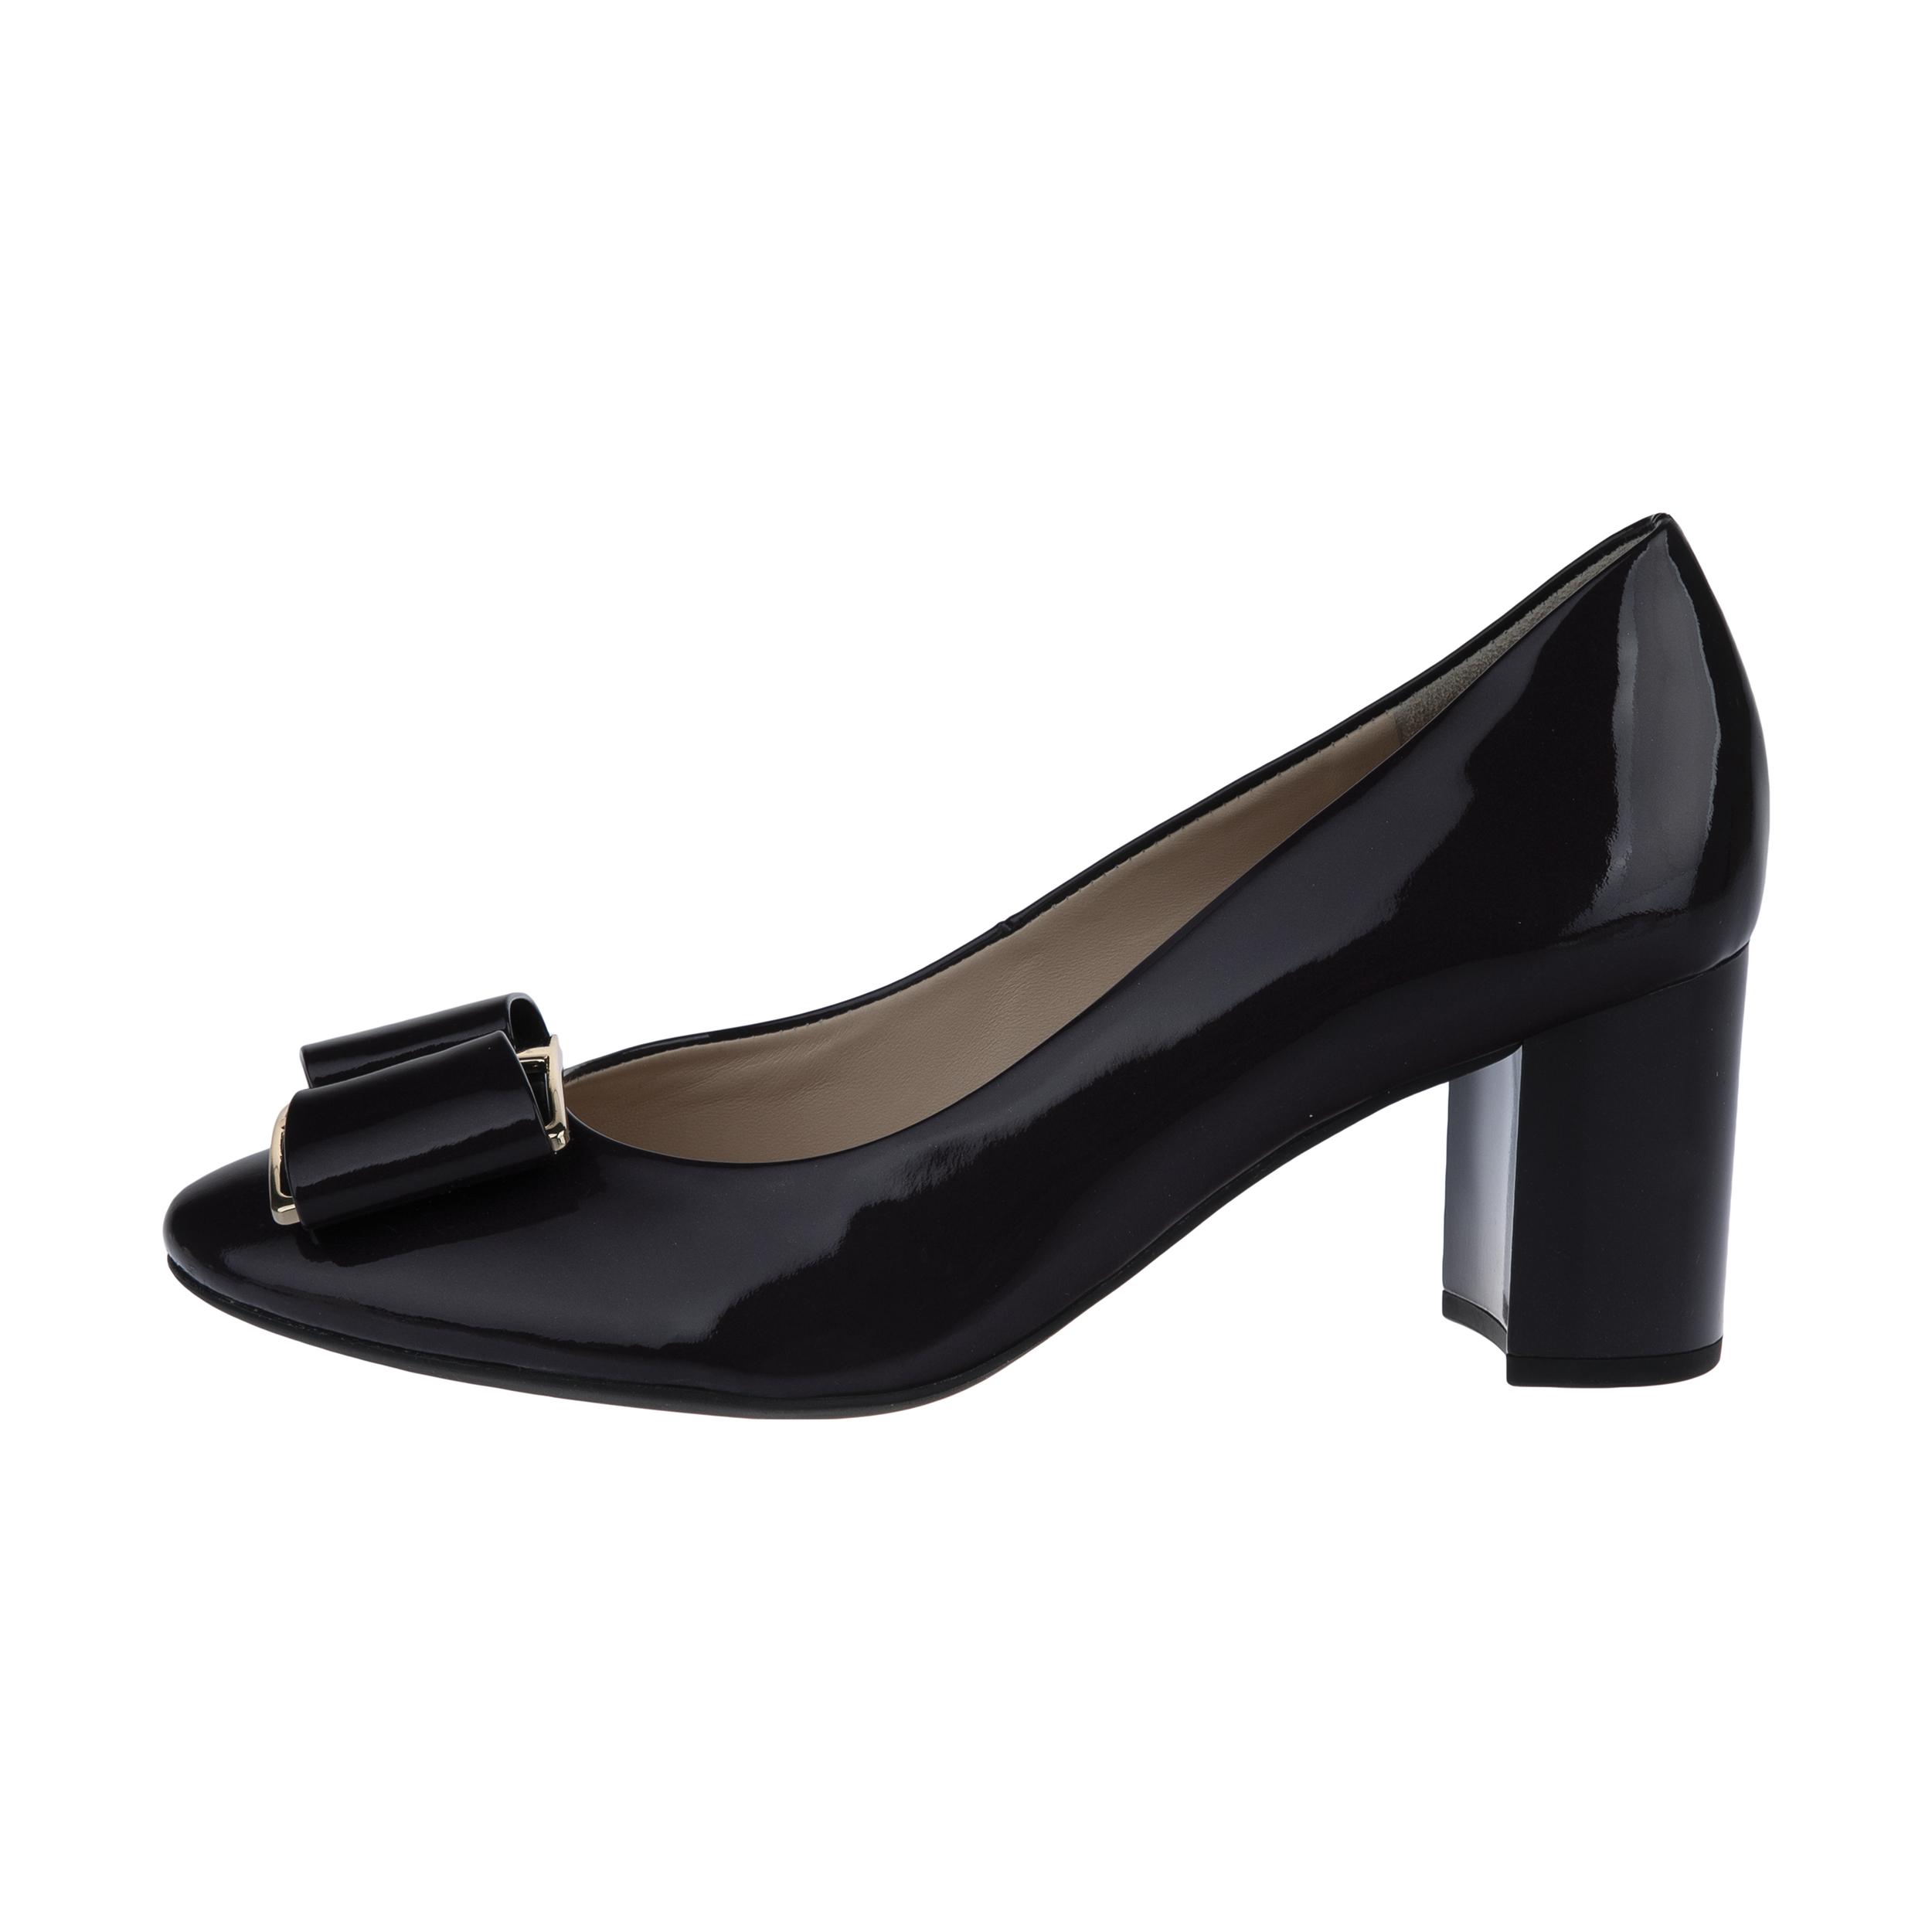 کفش زنانه هوگل مدل 6-105085-8100